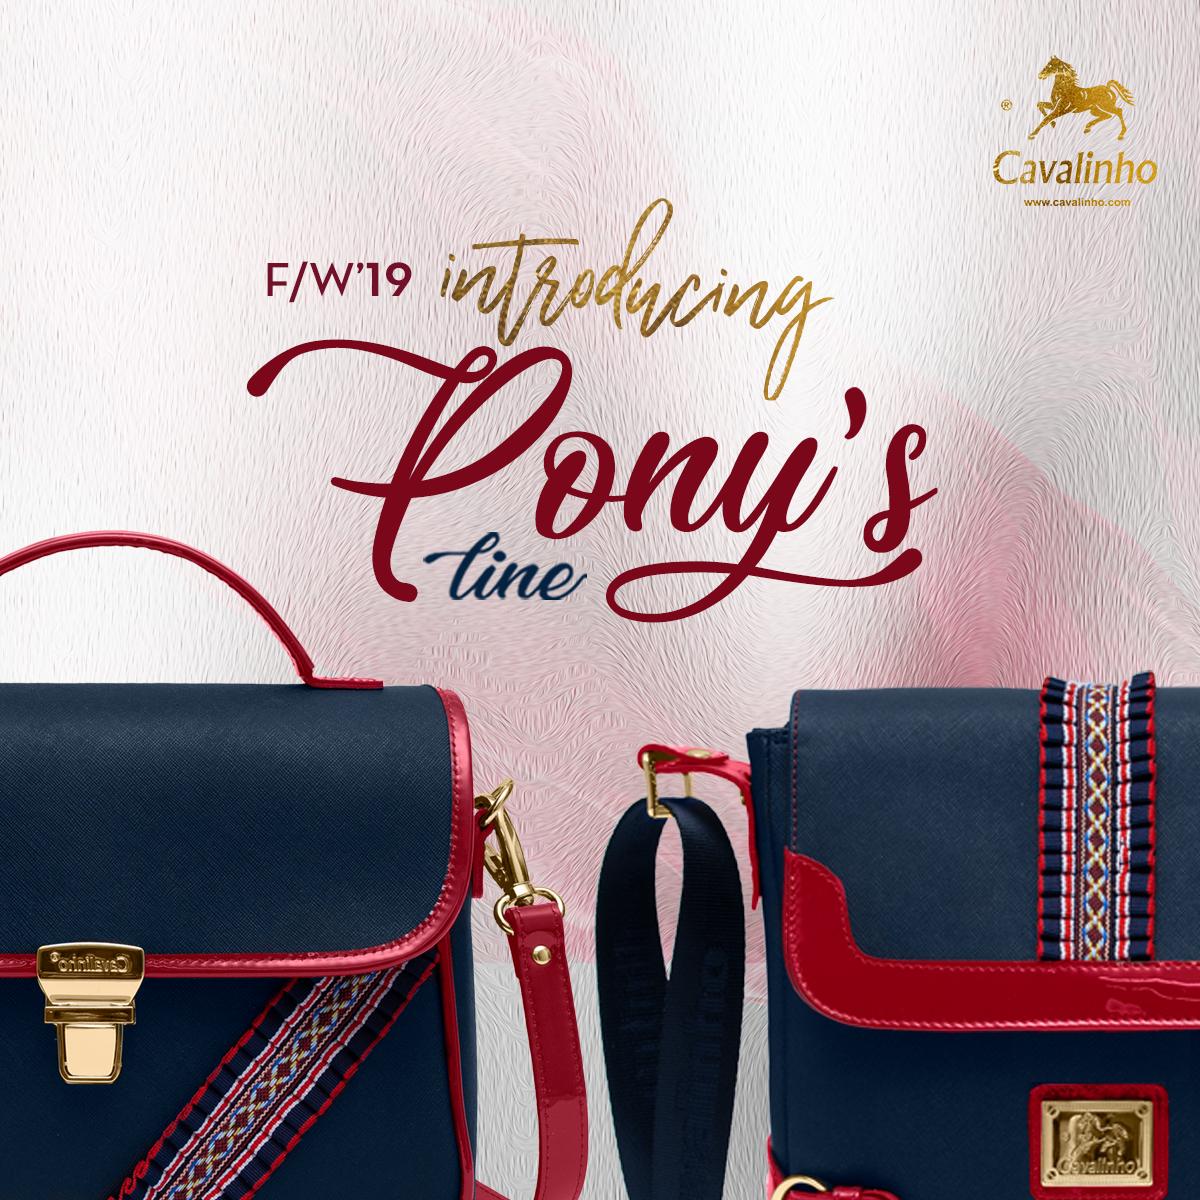 Pony's Line SS'19